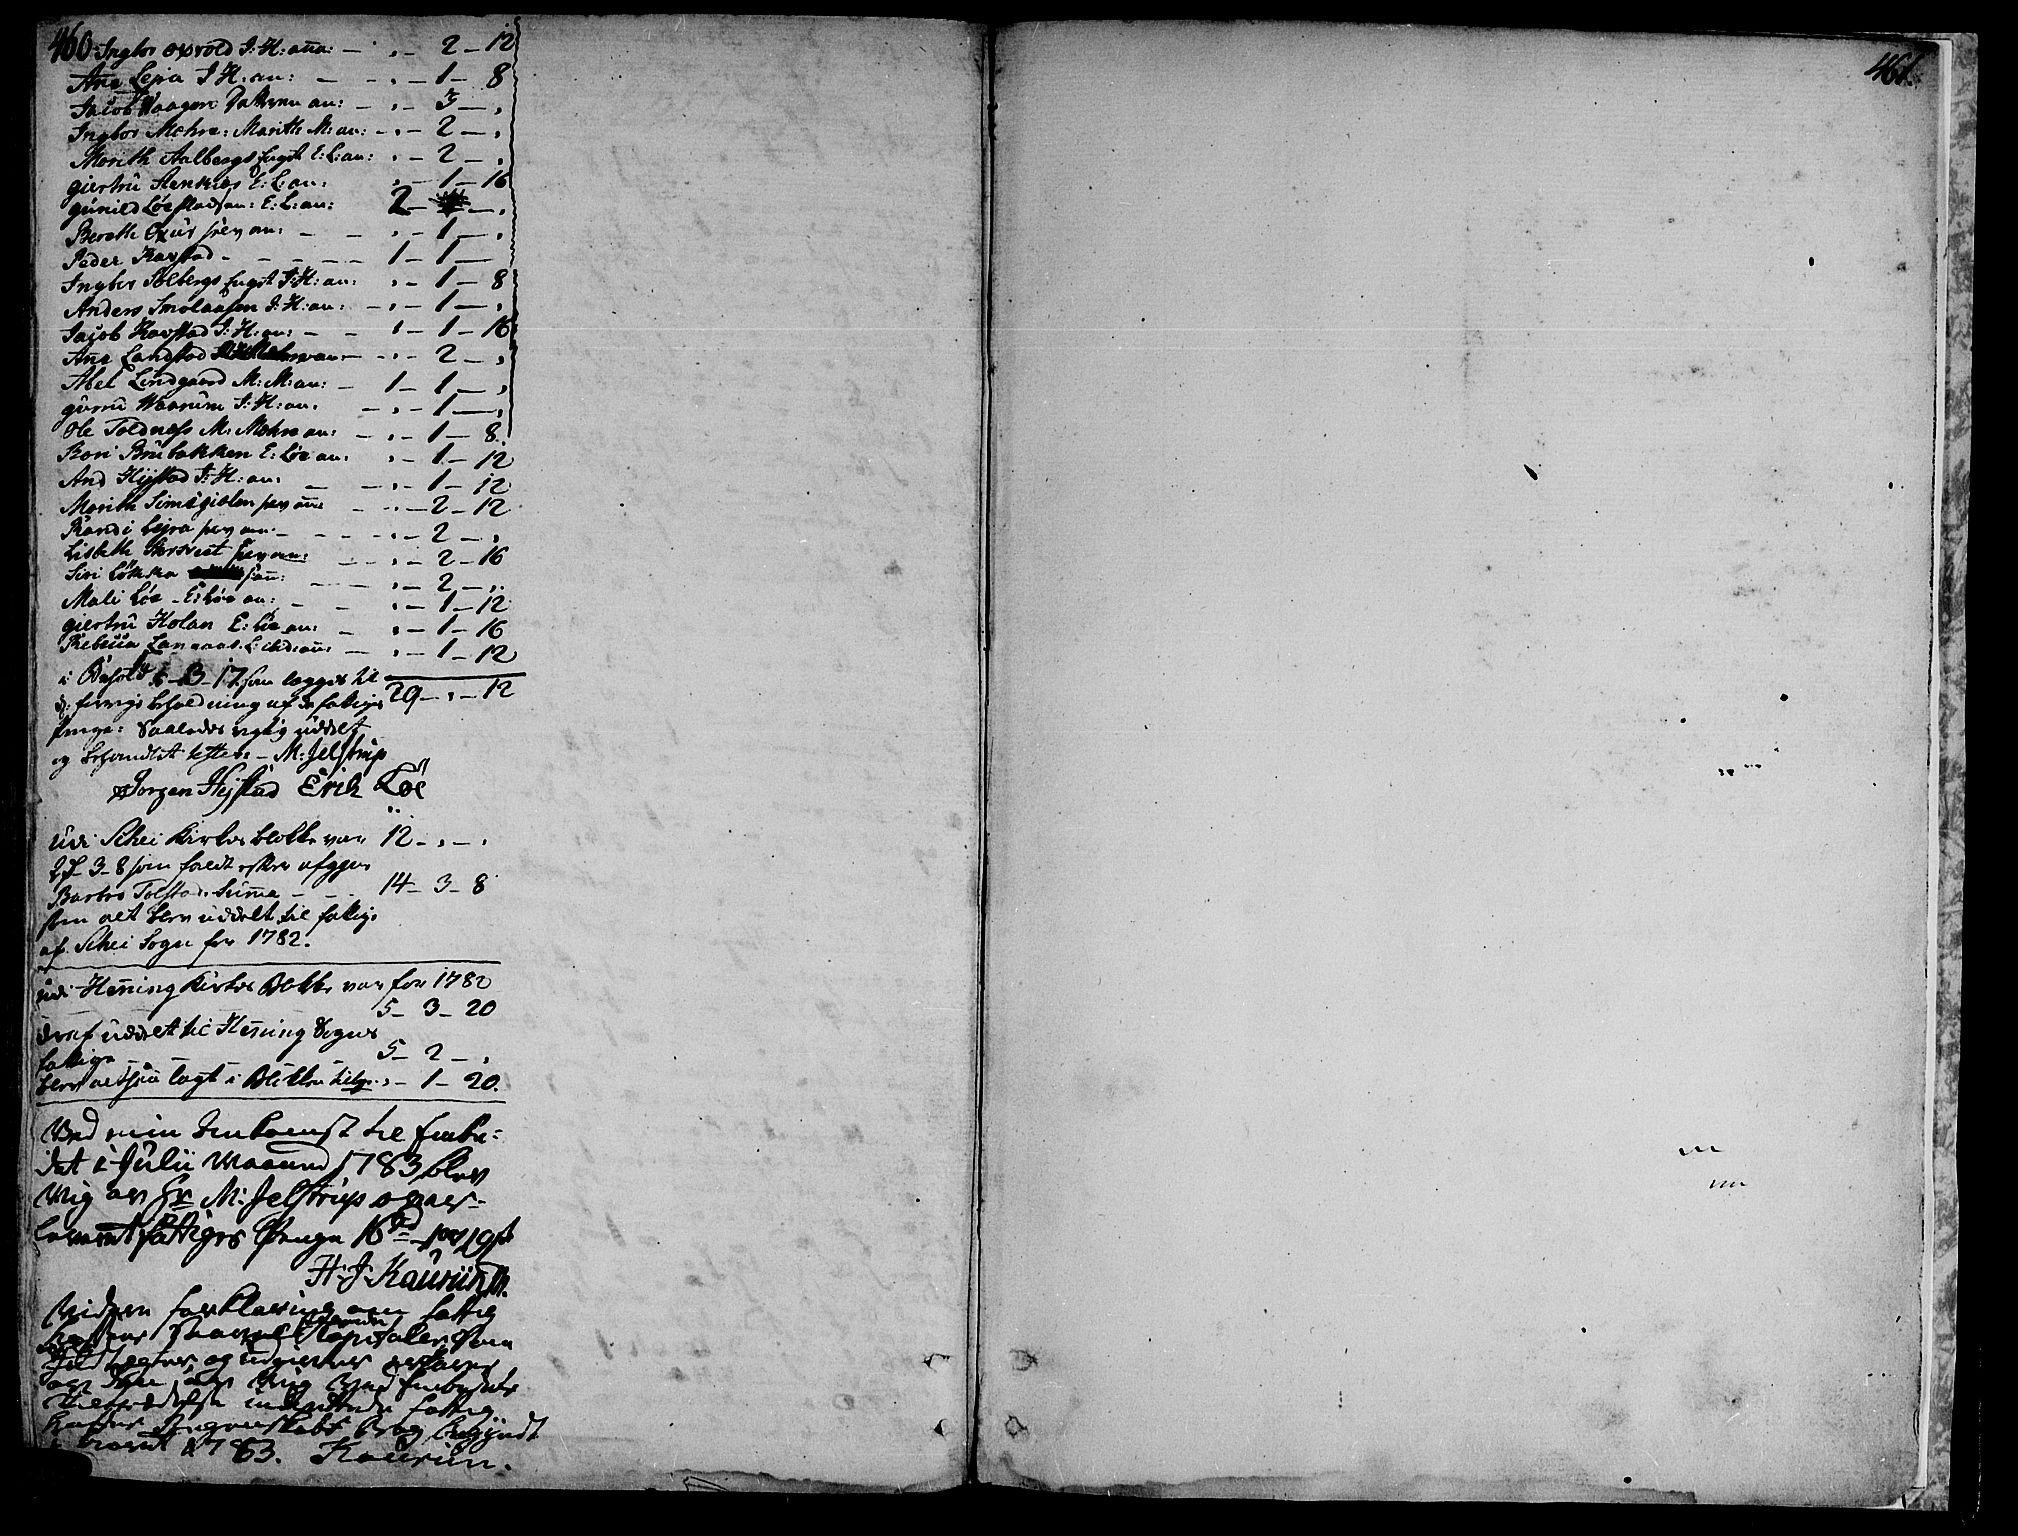 SAT, Ministerialprotokoller, klokkerbøker og fødselsregistre - Nord-Trøndelag, 735/L0331: Ministerialbok nr. 735A02, 1762-1794, s. 460-461